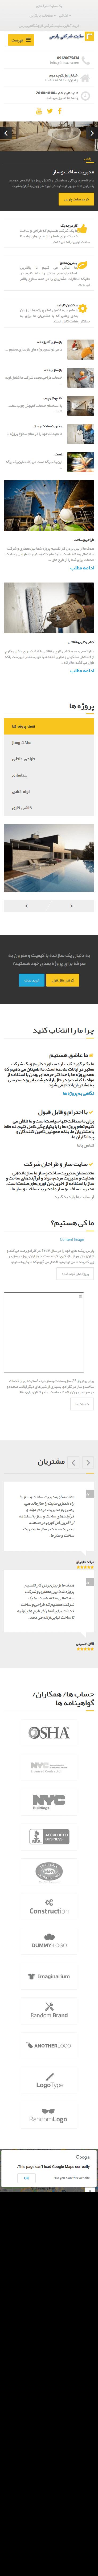 حالت موبایل سایت شرکتی پارس